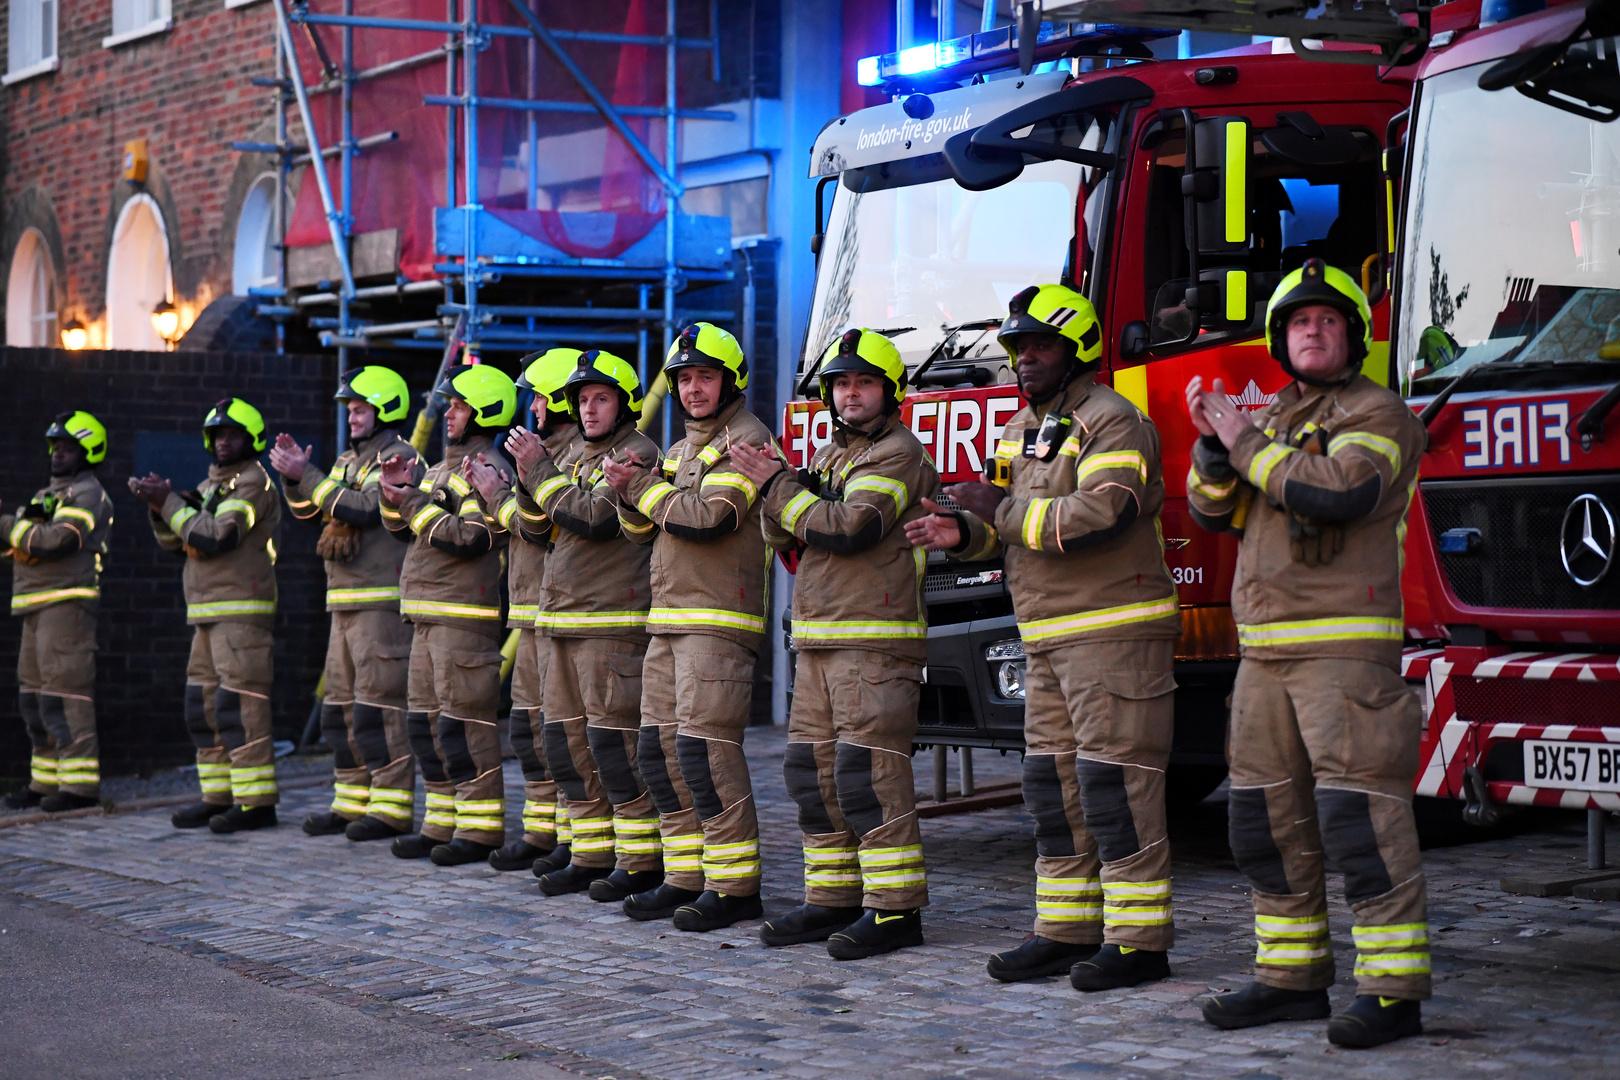 مقتل عدد من الأشخاص بانفجار غاز أدى الى انهيار مبنى غرب لندن